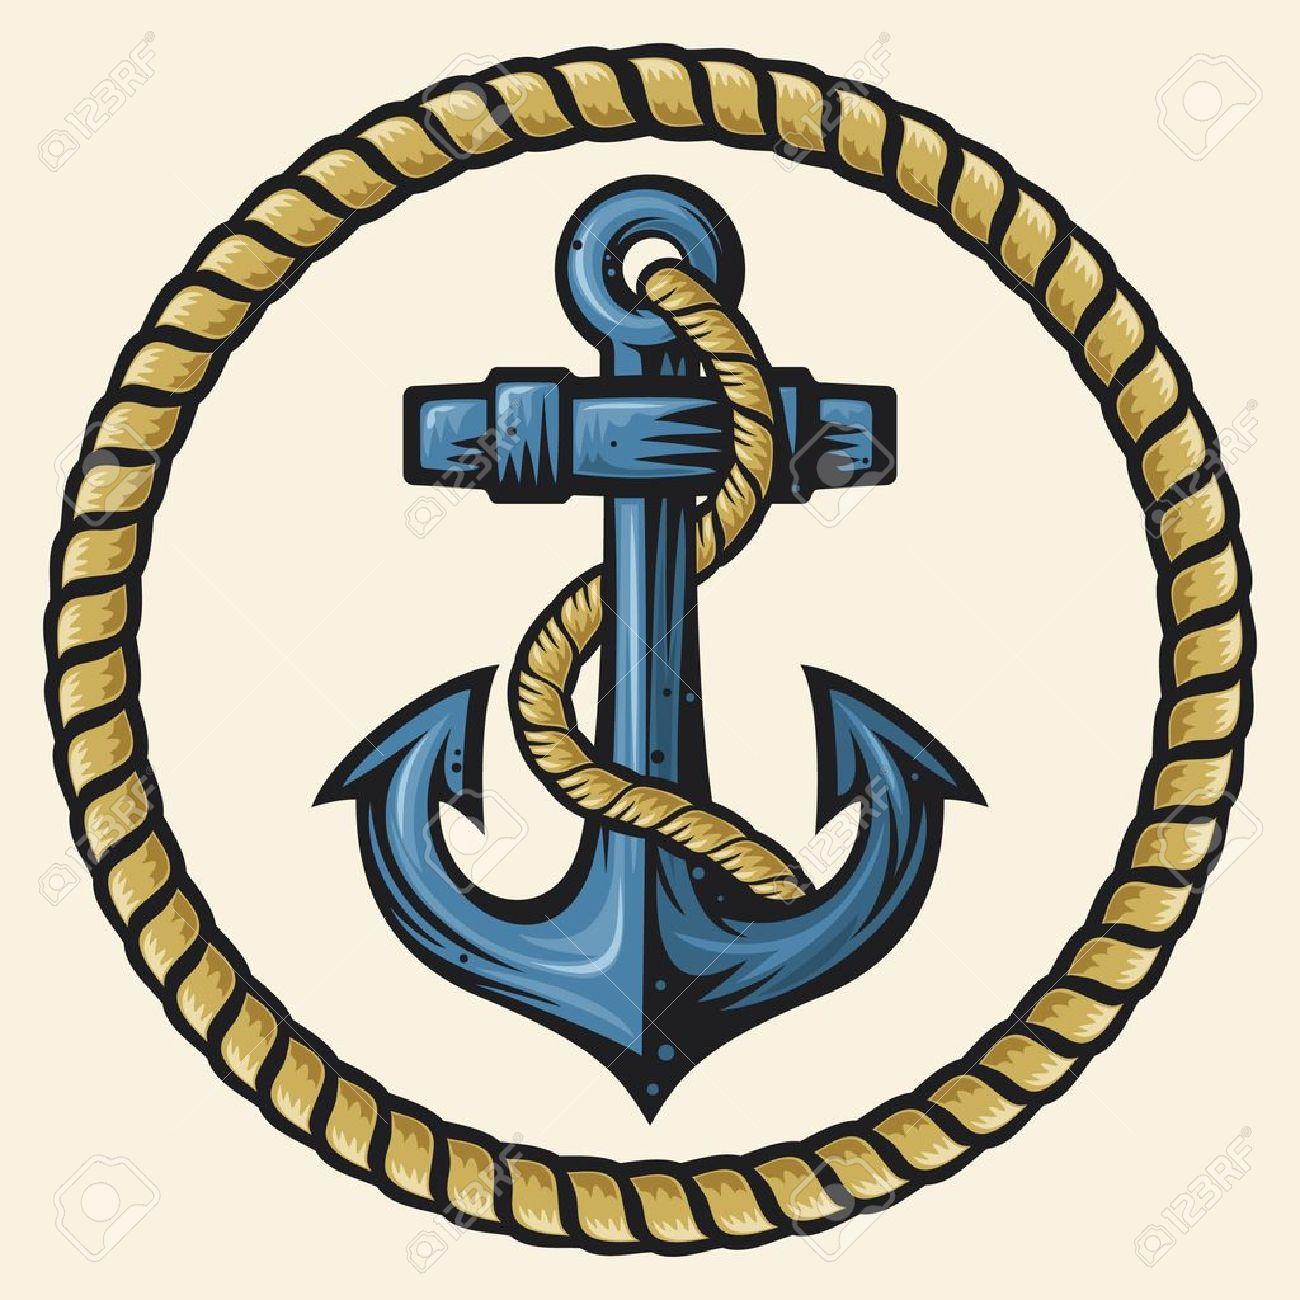 錨とロープの設計のイラスト素材ベクタ Image 15867538